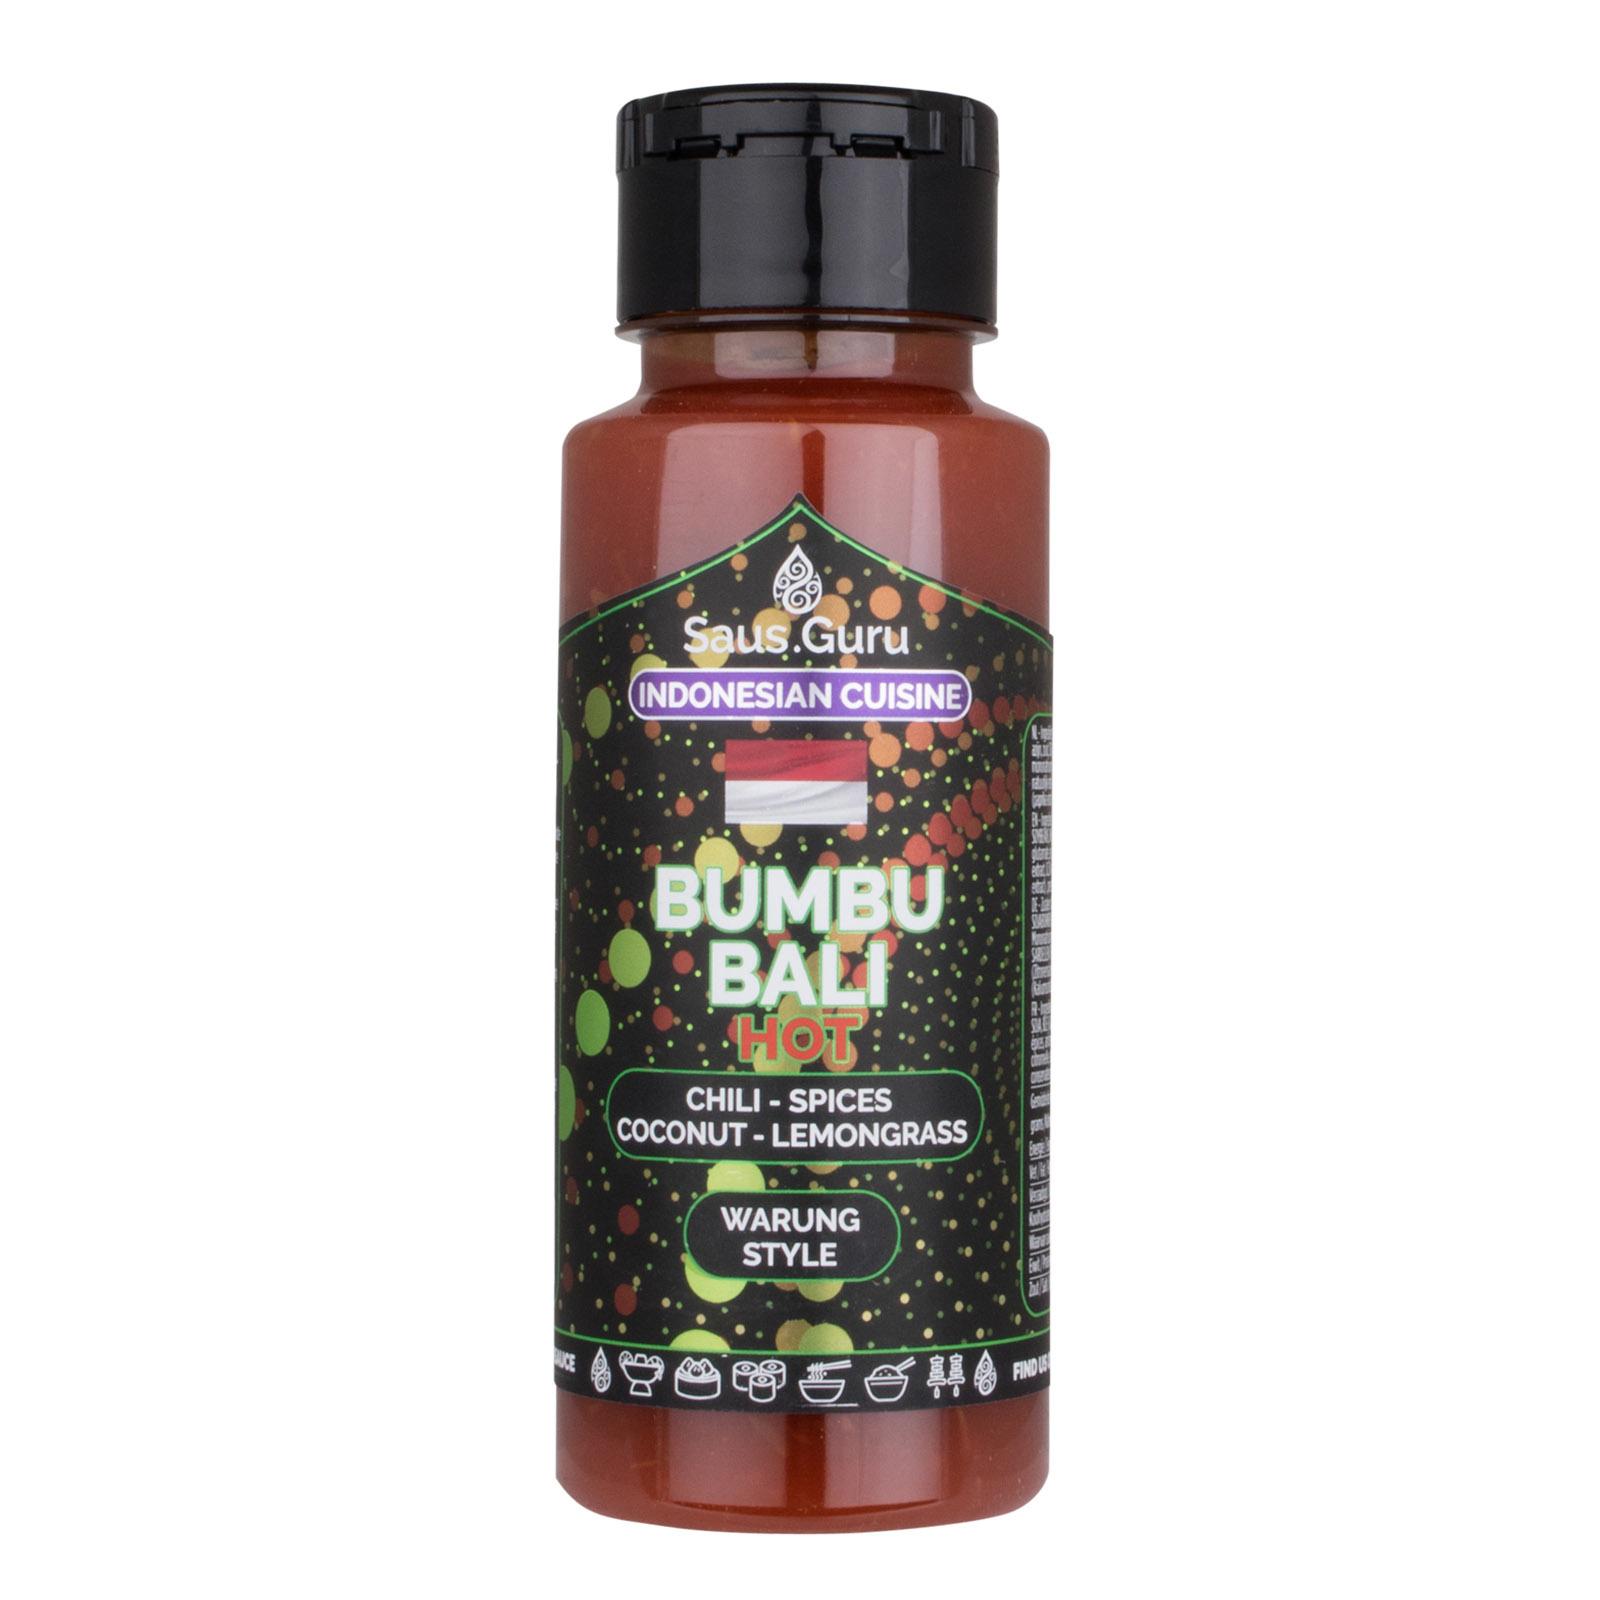 Saus.Guru's Bumbu Bali Hot-1